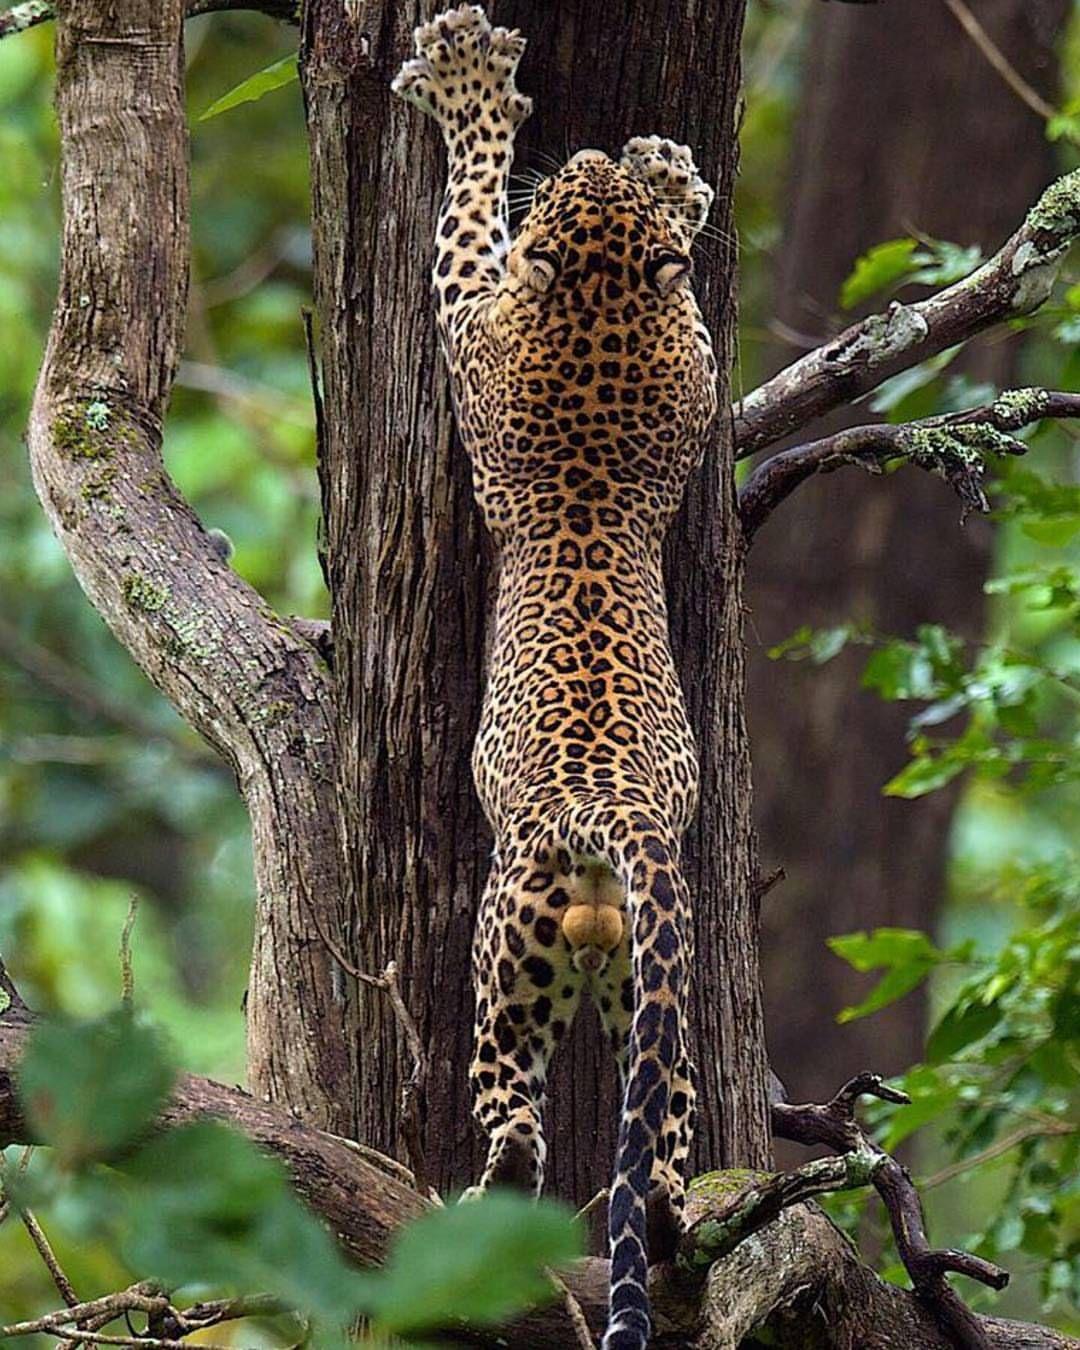 . Photo by @thomasvijayan Gearing up Leopard, Kabini, India #Wildlife #Leopard #Kabini #India #up #thomasvijayan